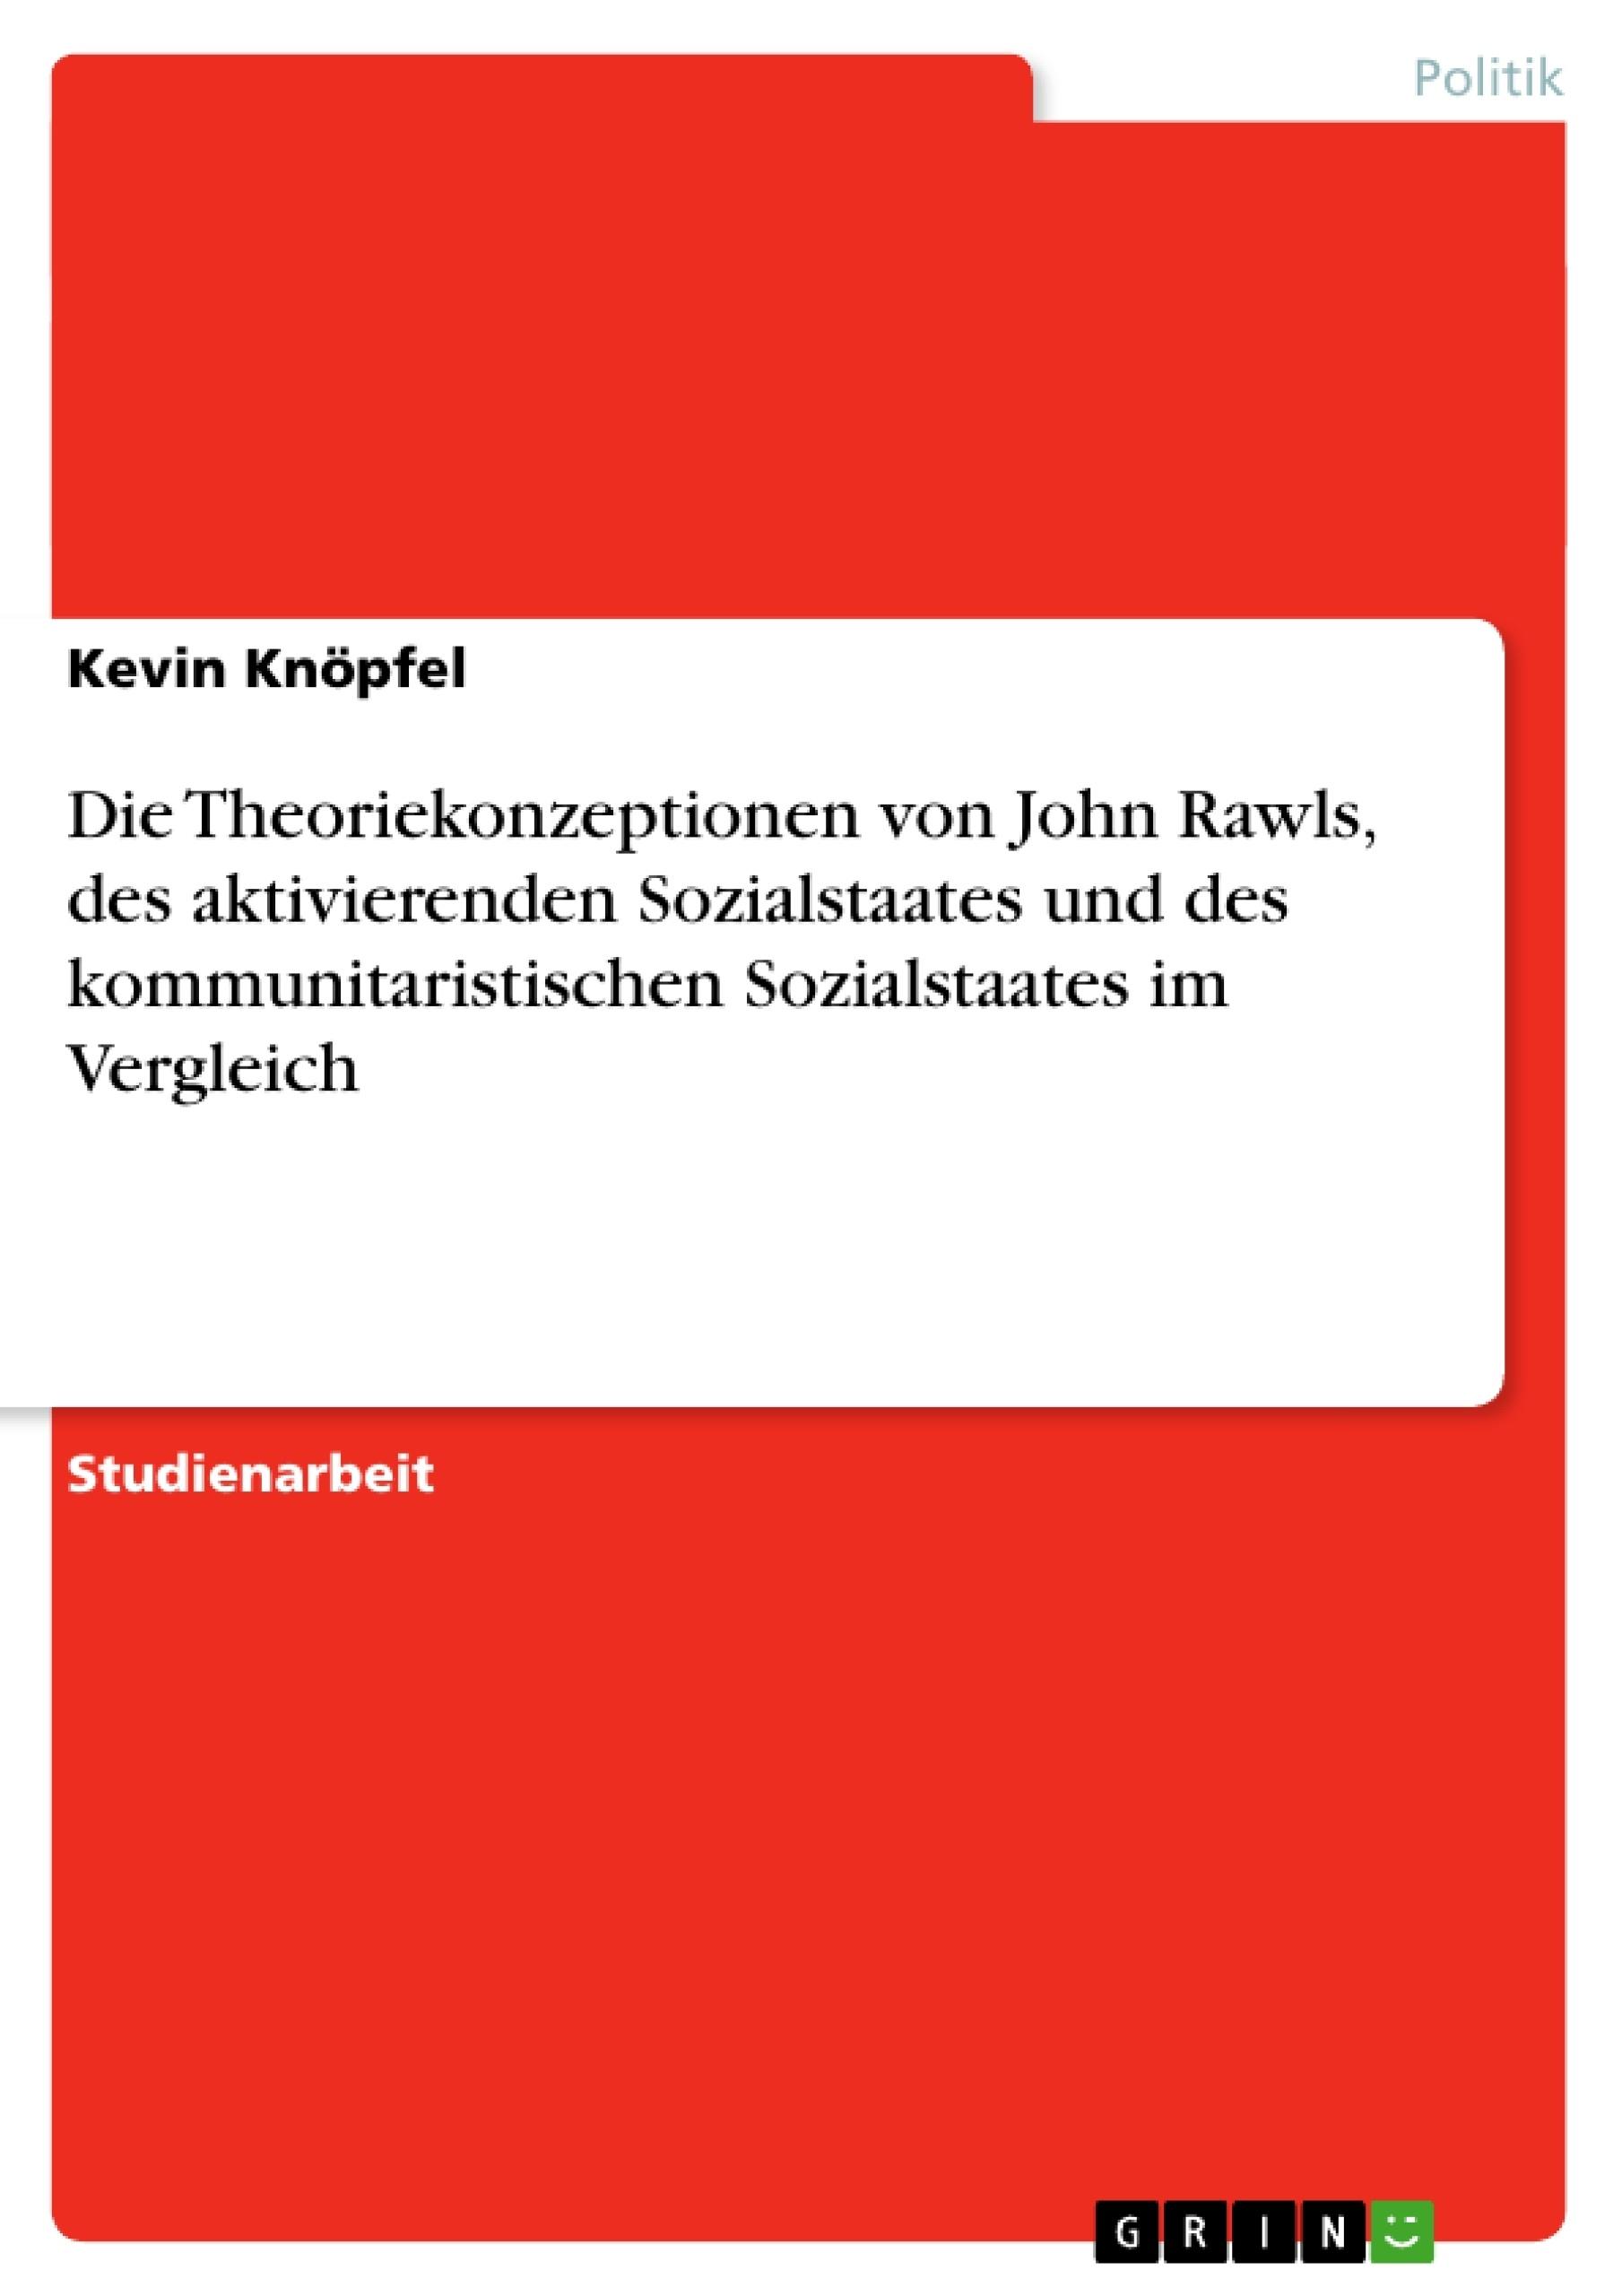 Titel: Die Theoriekonzeptionen von John Rawls, des aktivierenden Sozialstaates und des kommunitaristischen Sozialstaates im Vergleich